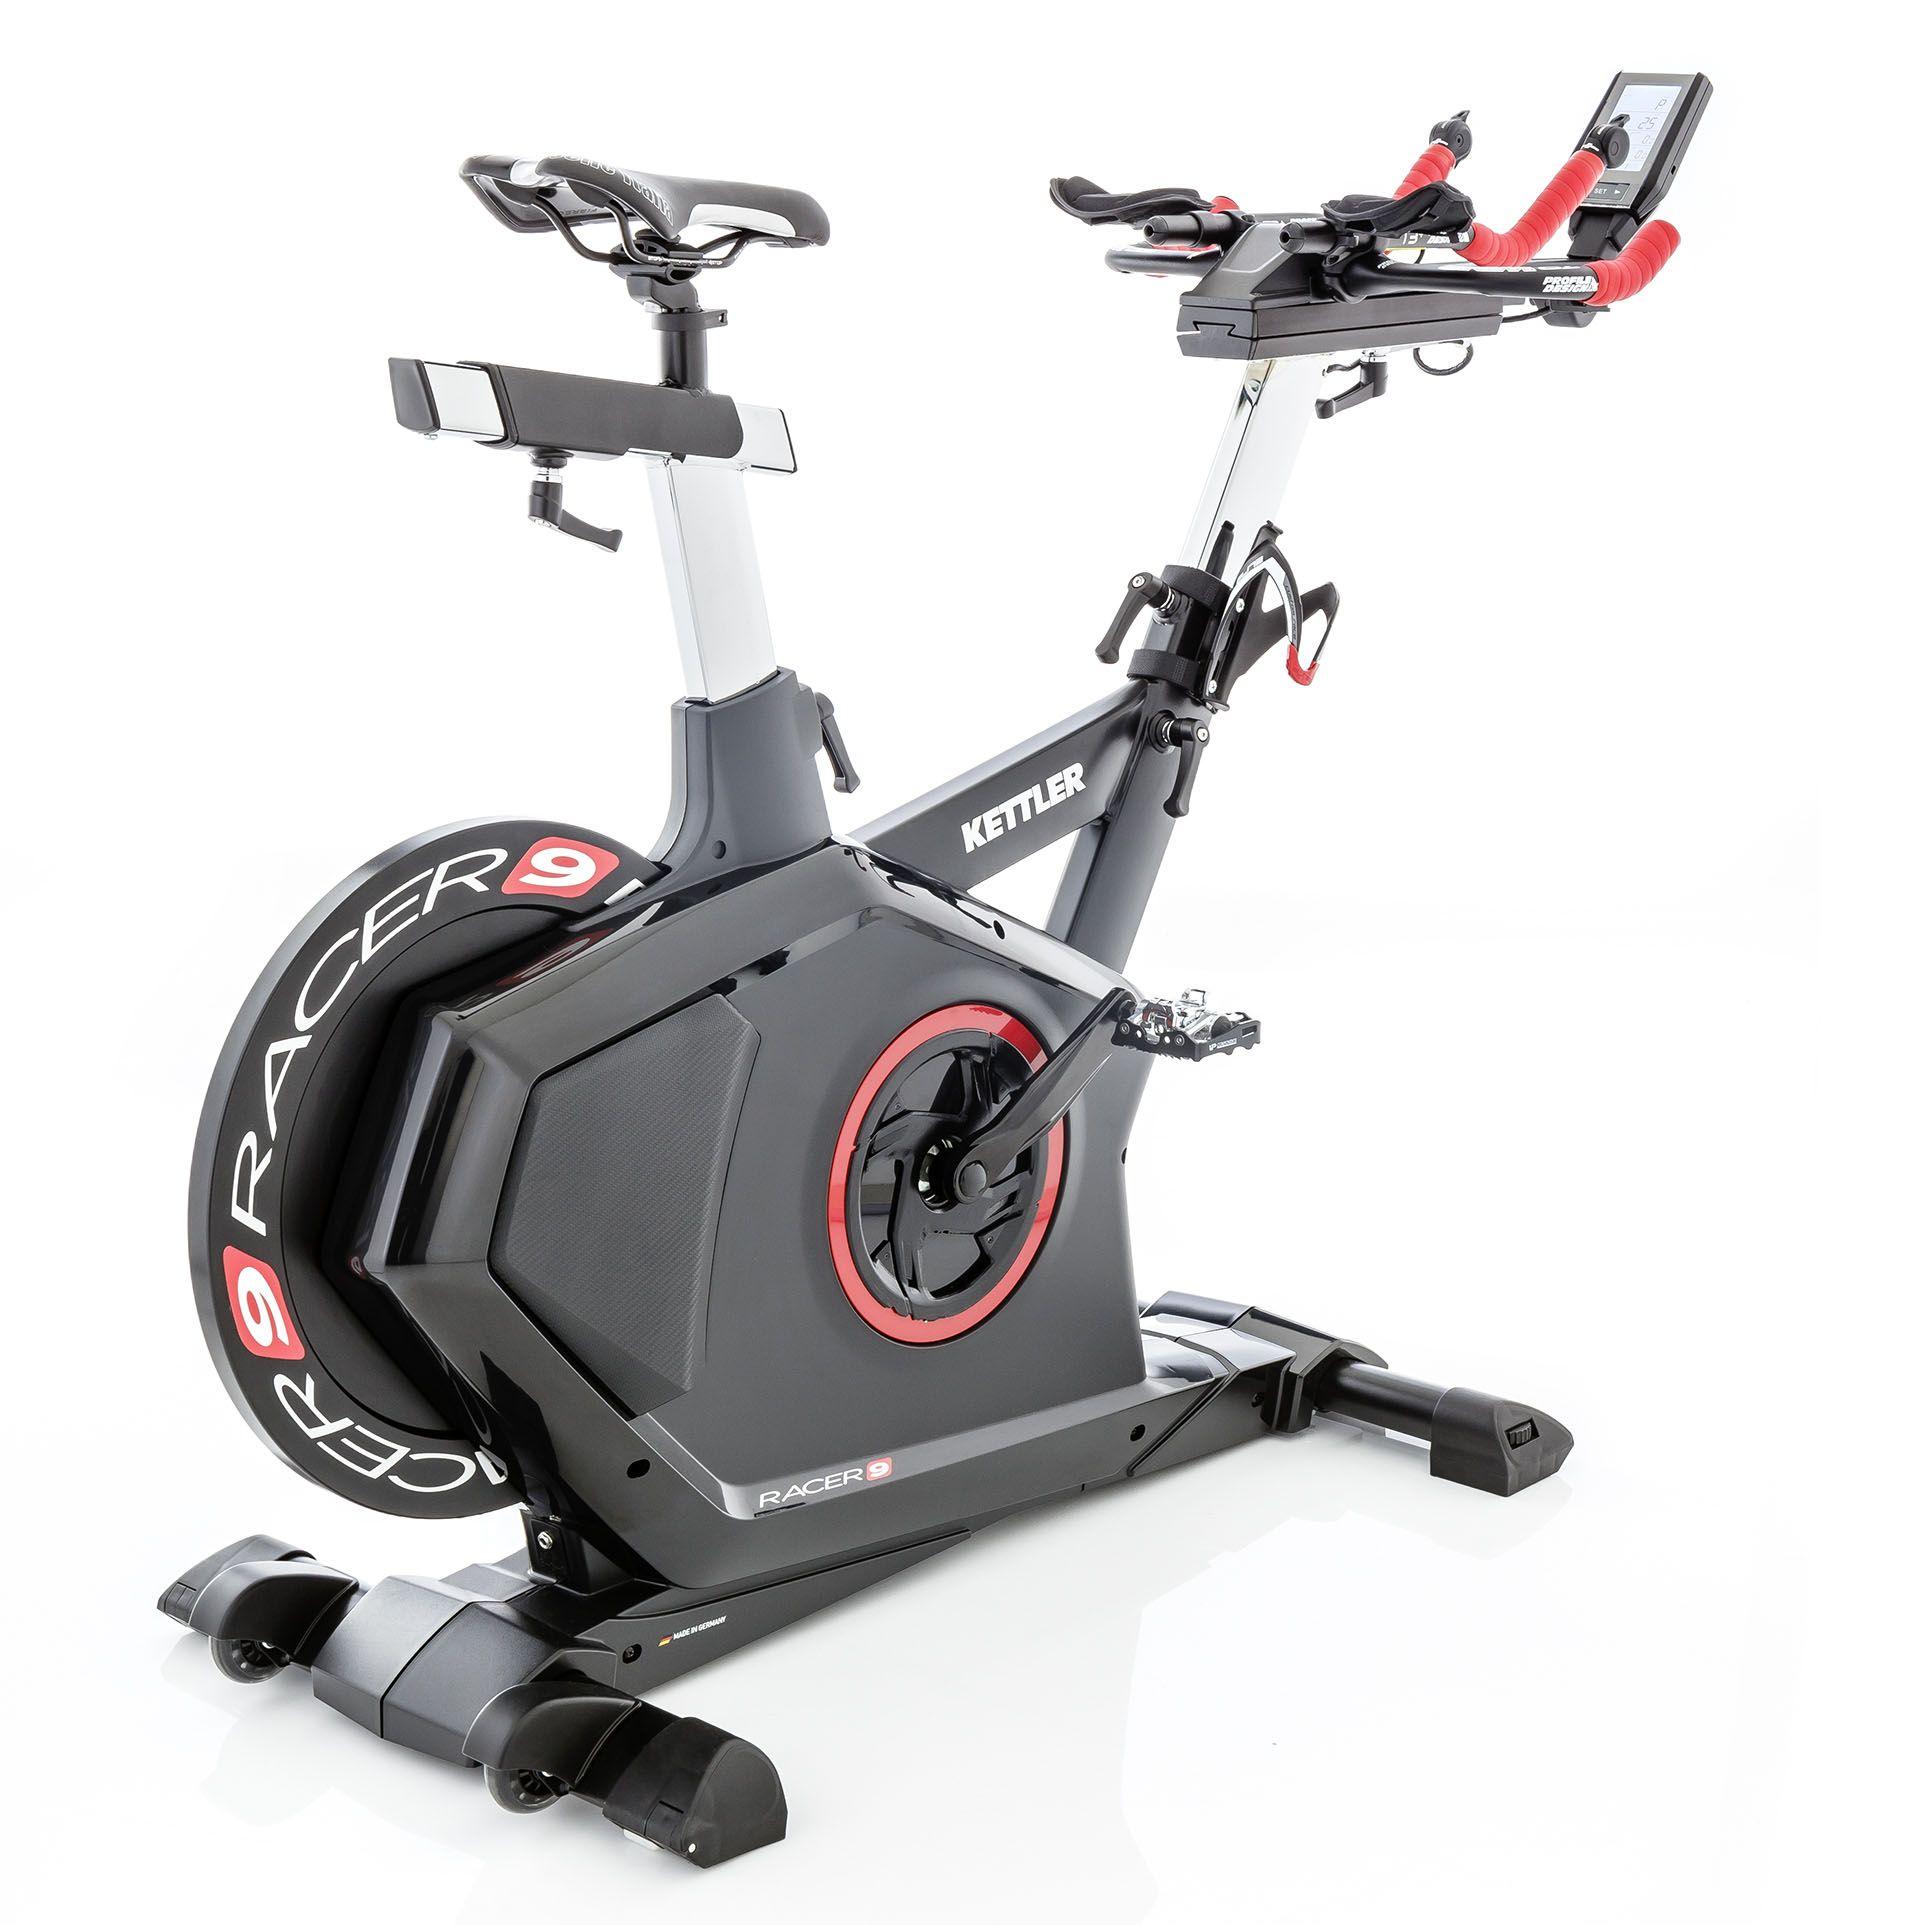 kettler racer 9 indoor cycle. Black Bedroom Furniture Sets. Home Design Ideas